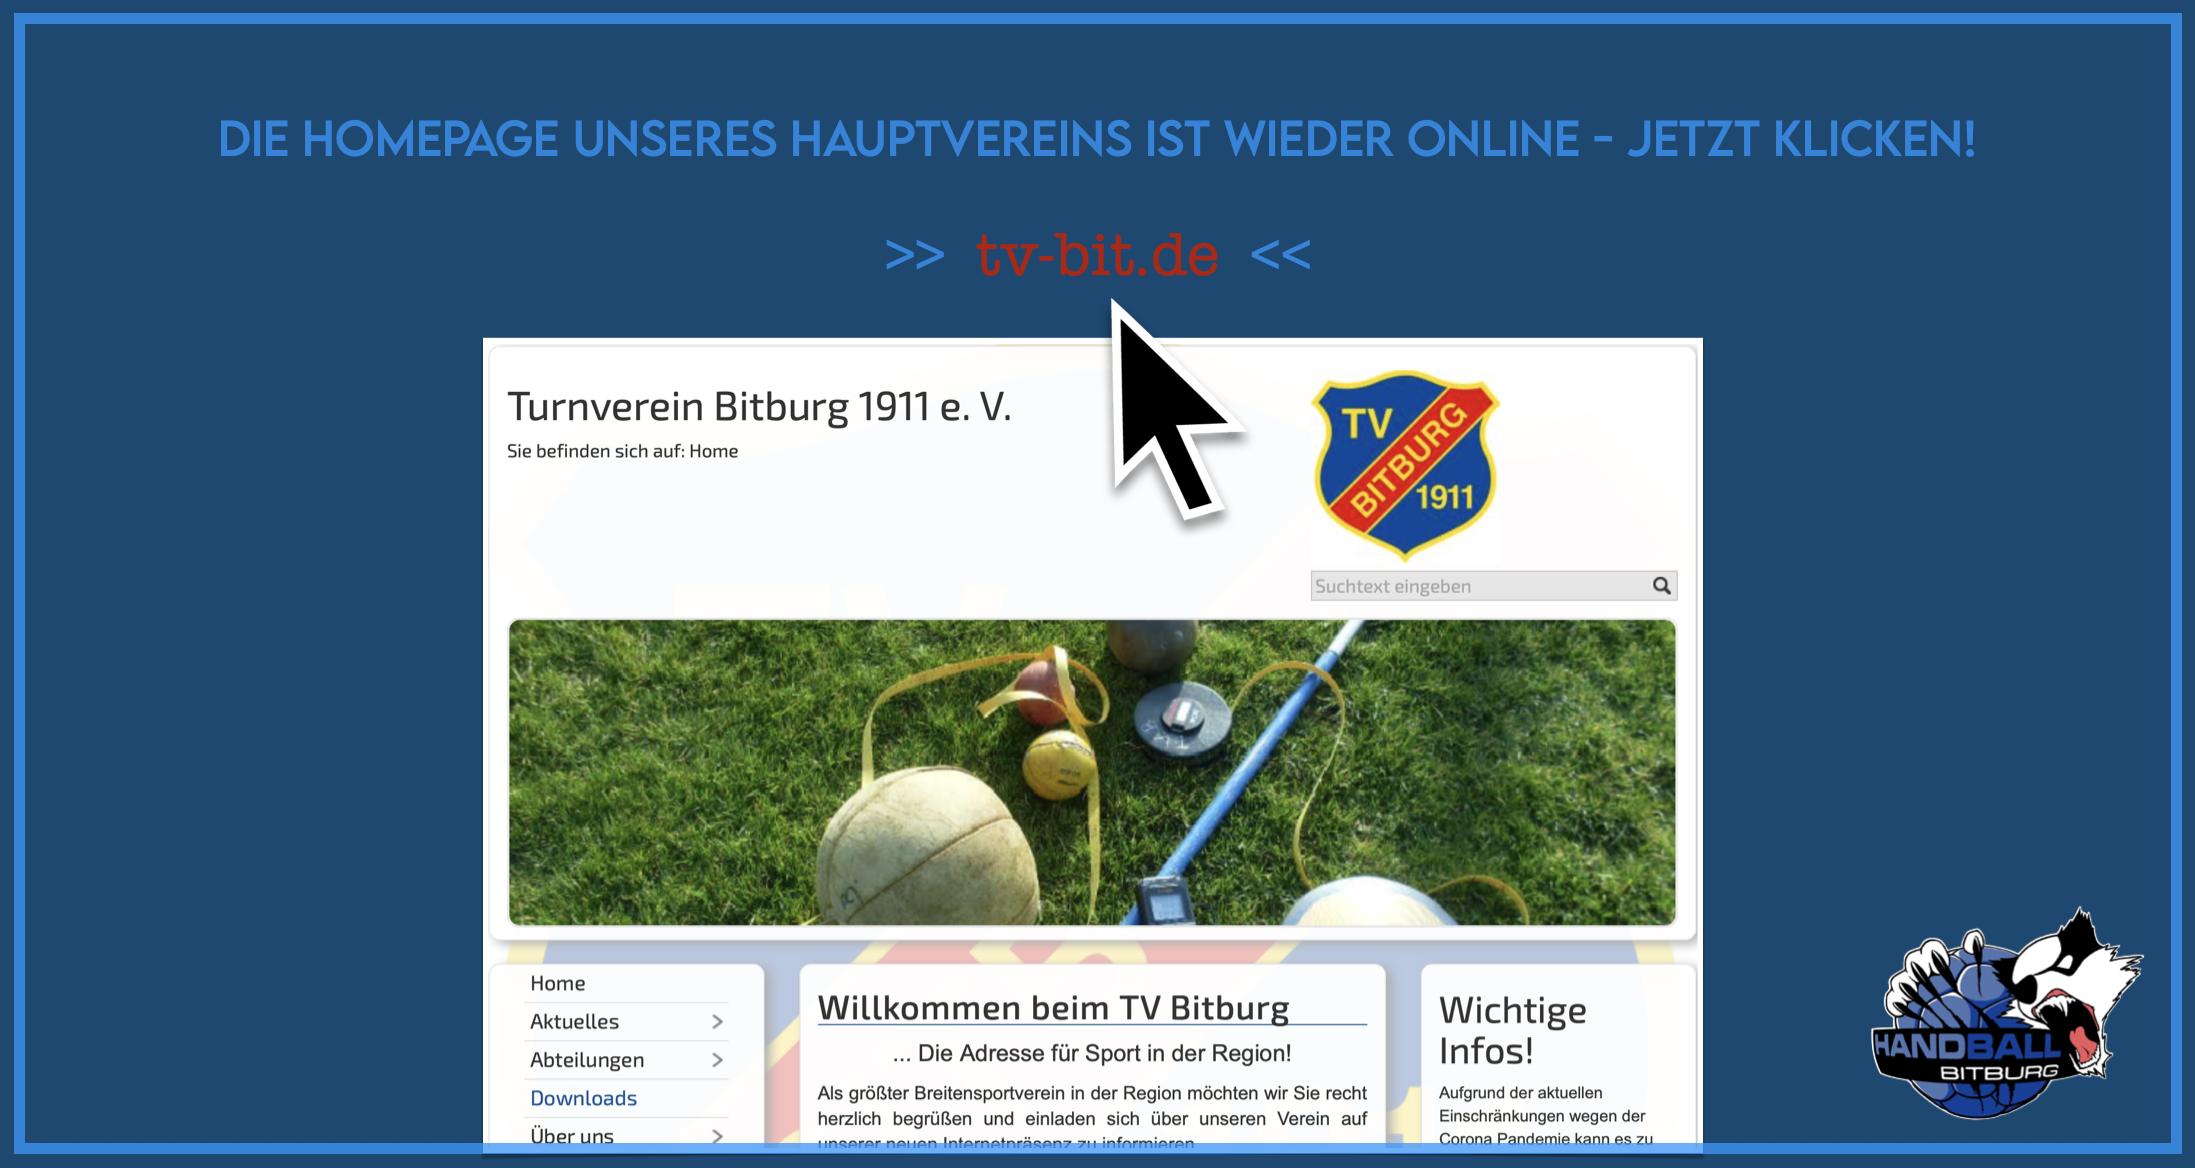 Die Homepage unseres Hauptvereins ist wieder online